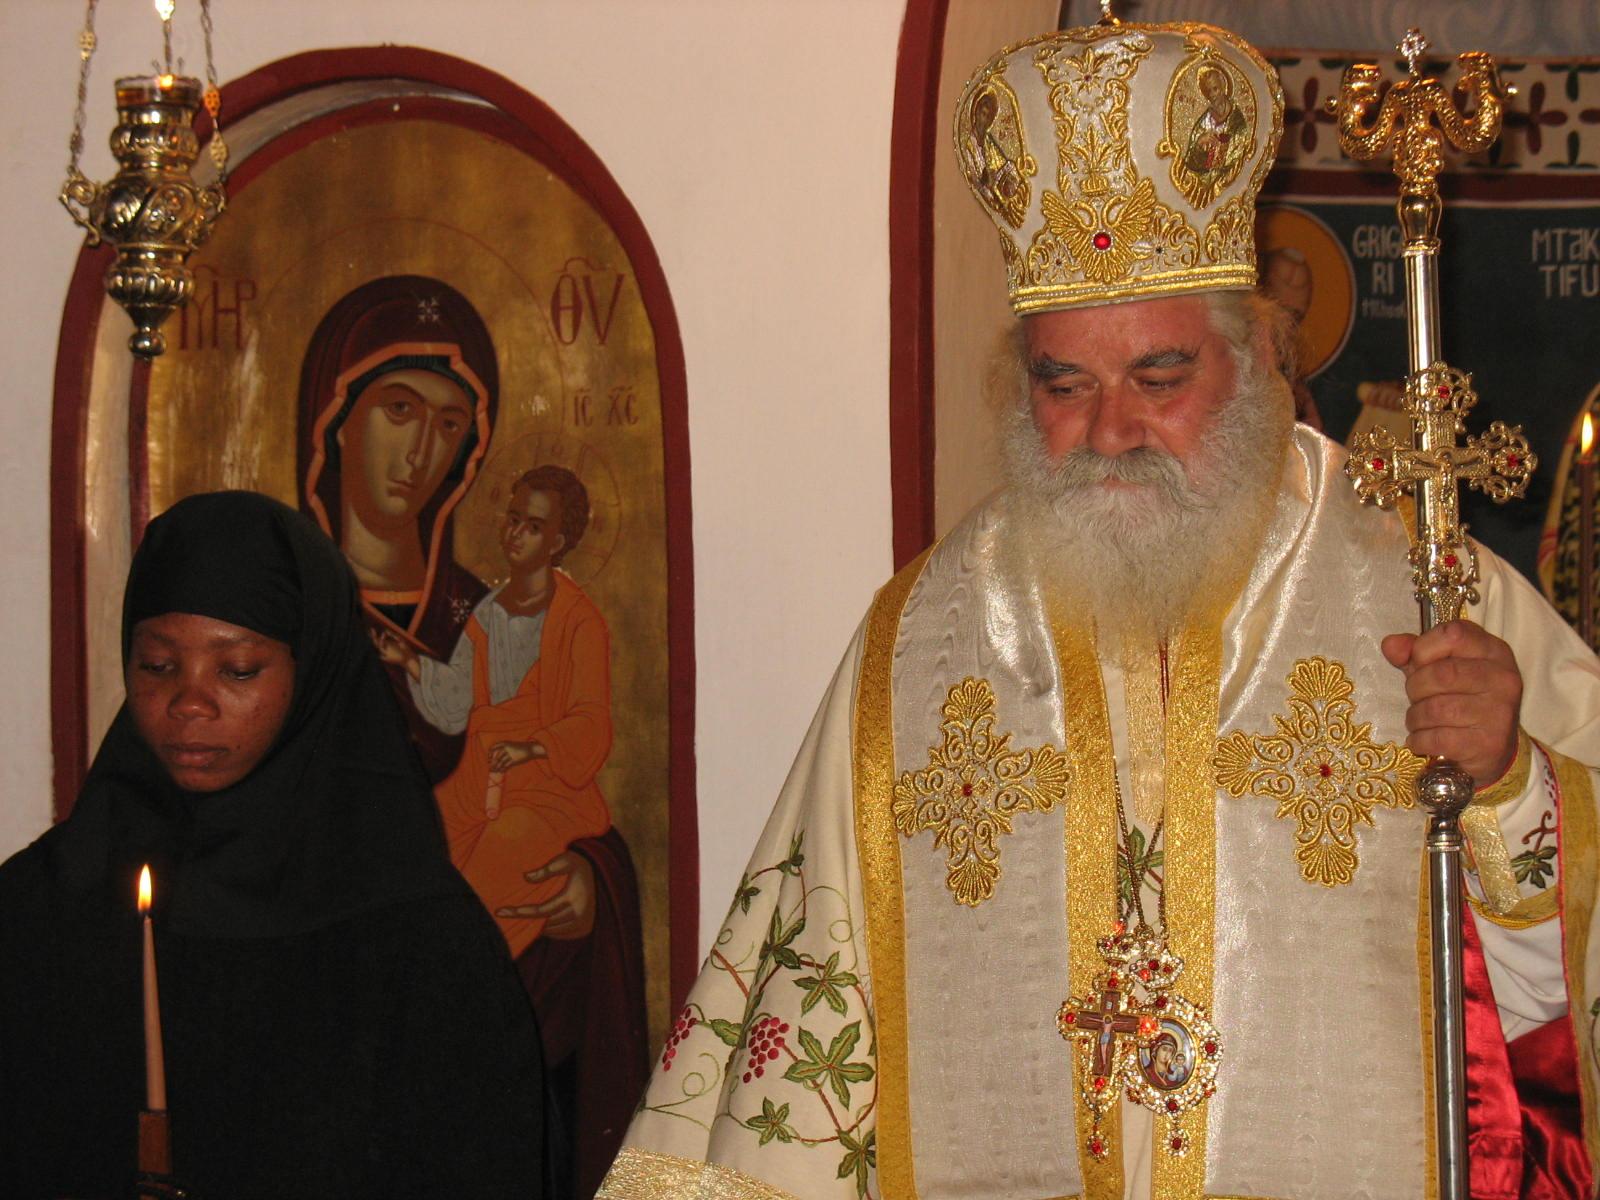 Ο θεοφιλέστατος επίσκοπος Κουλουέζι κ. Μελέτιος με τη νεόκουρη μοναχή Αγνή